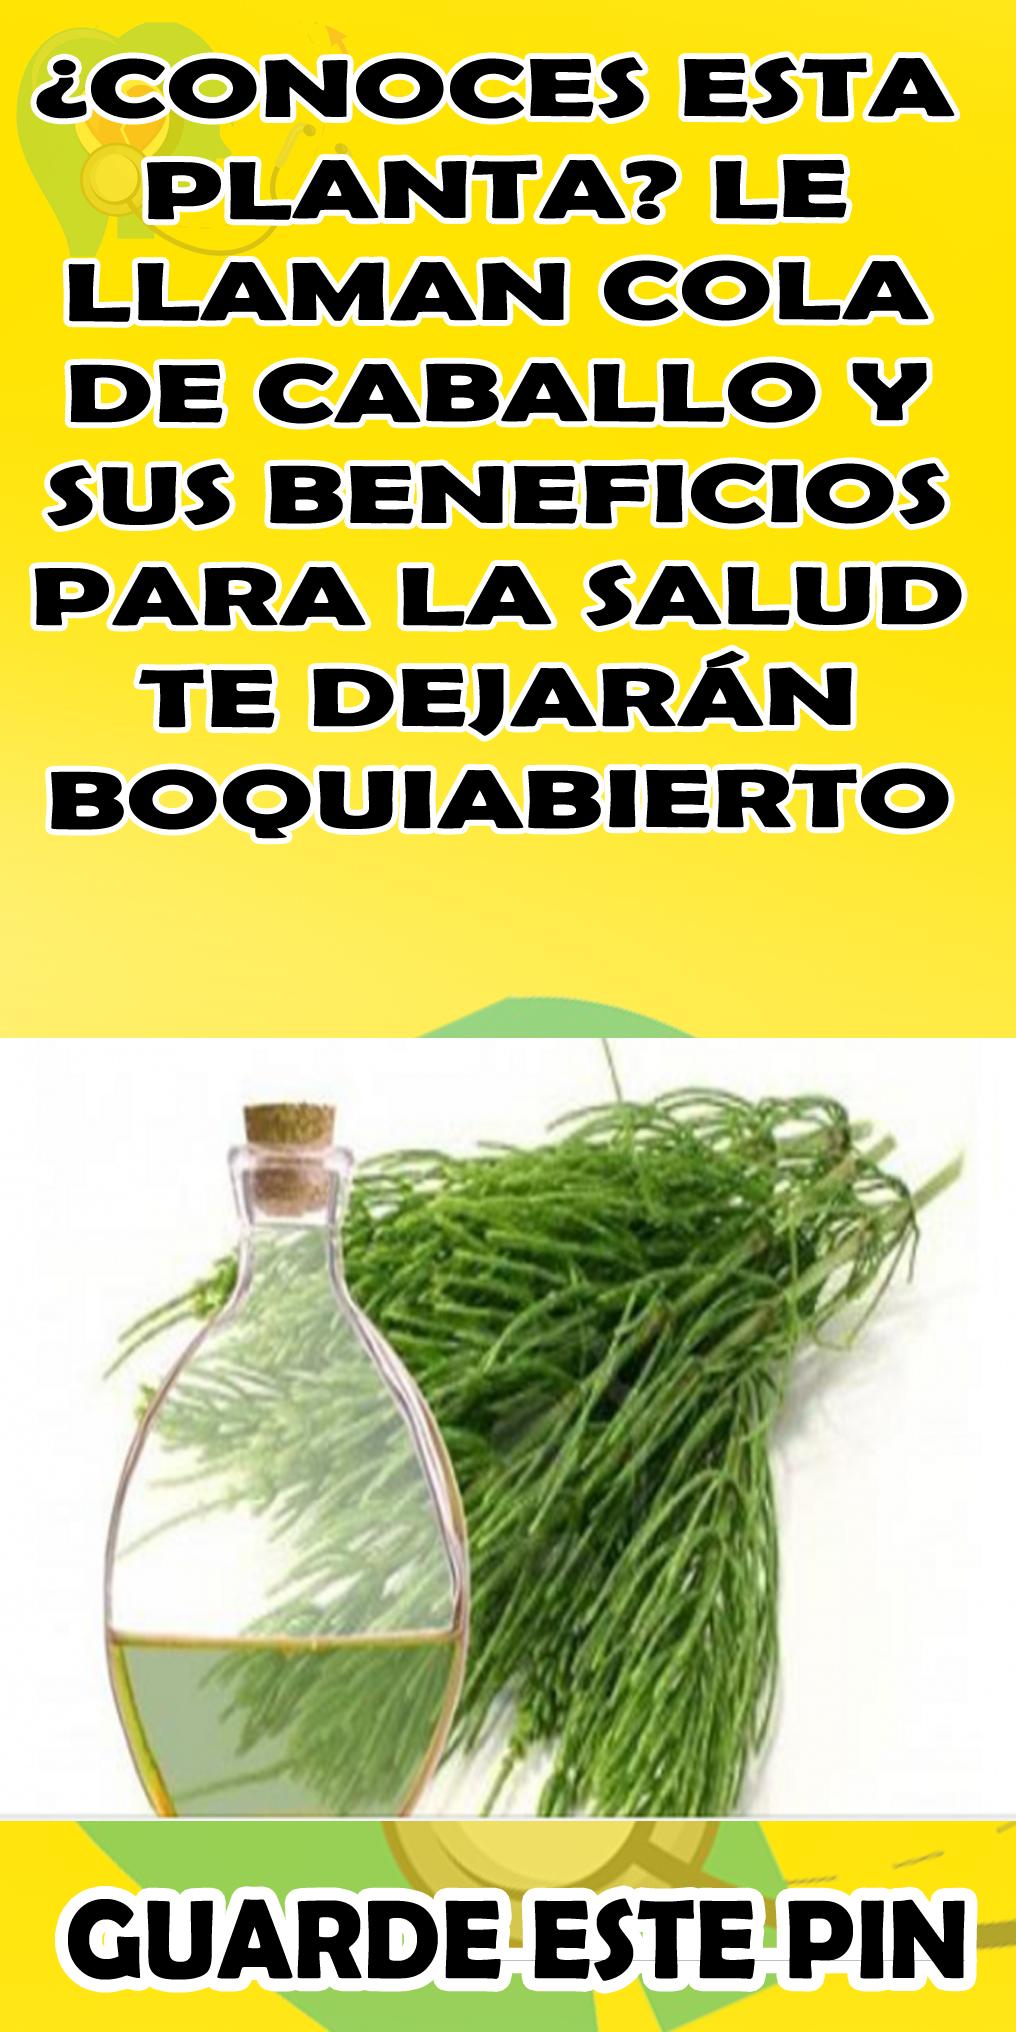 Conoces Esta Planta Le Llaman Cola De Caballo Y Sus Beneficios Para La Salud Te Dejarán Boqui Hierba Cola De Caballo Cola De Caballo Planta Hierbas Curativas